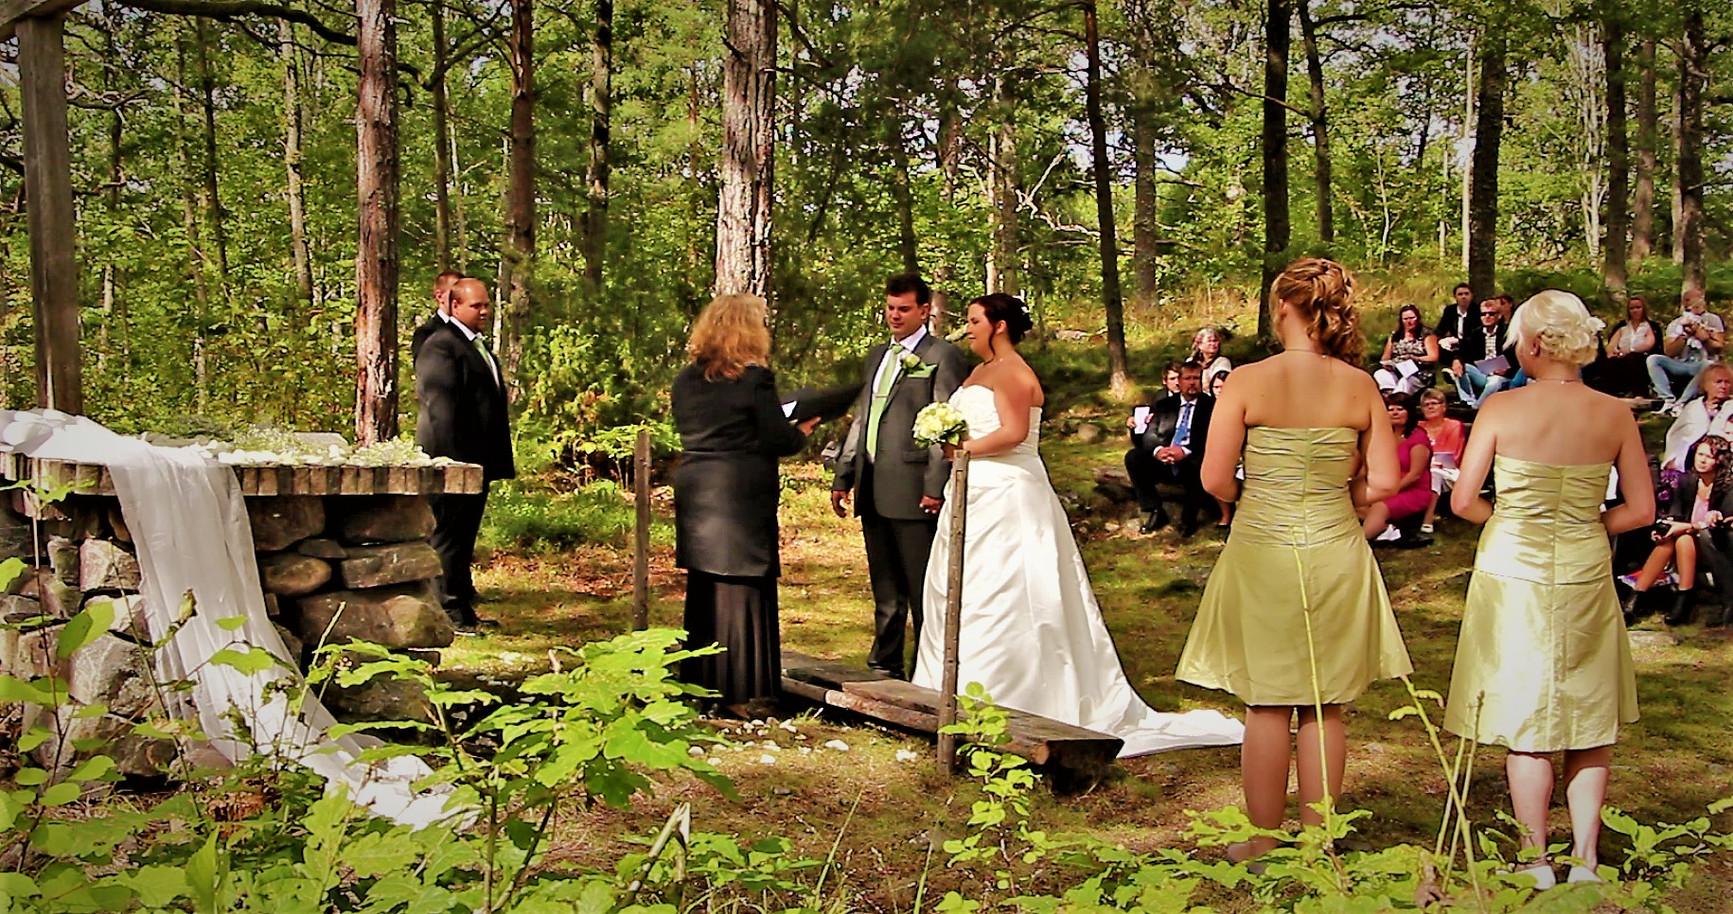 Hold scerene outdoor weddings att Marsbäcken